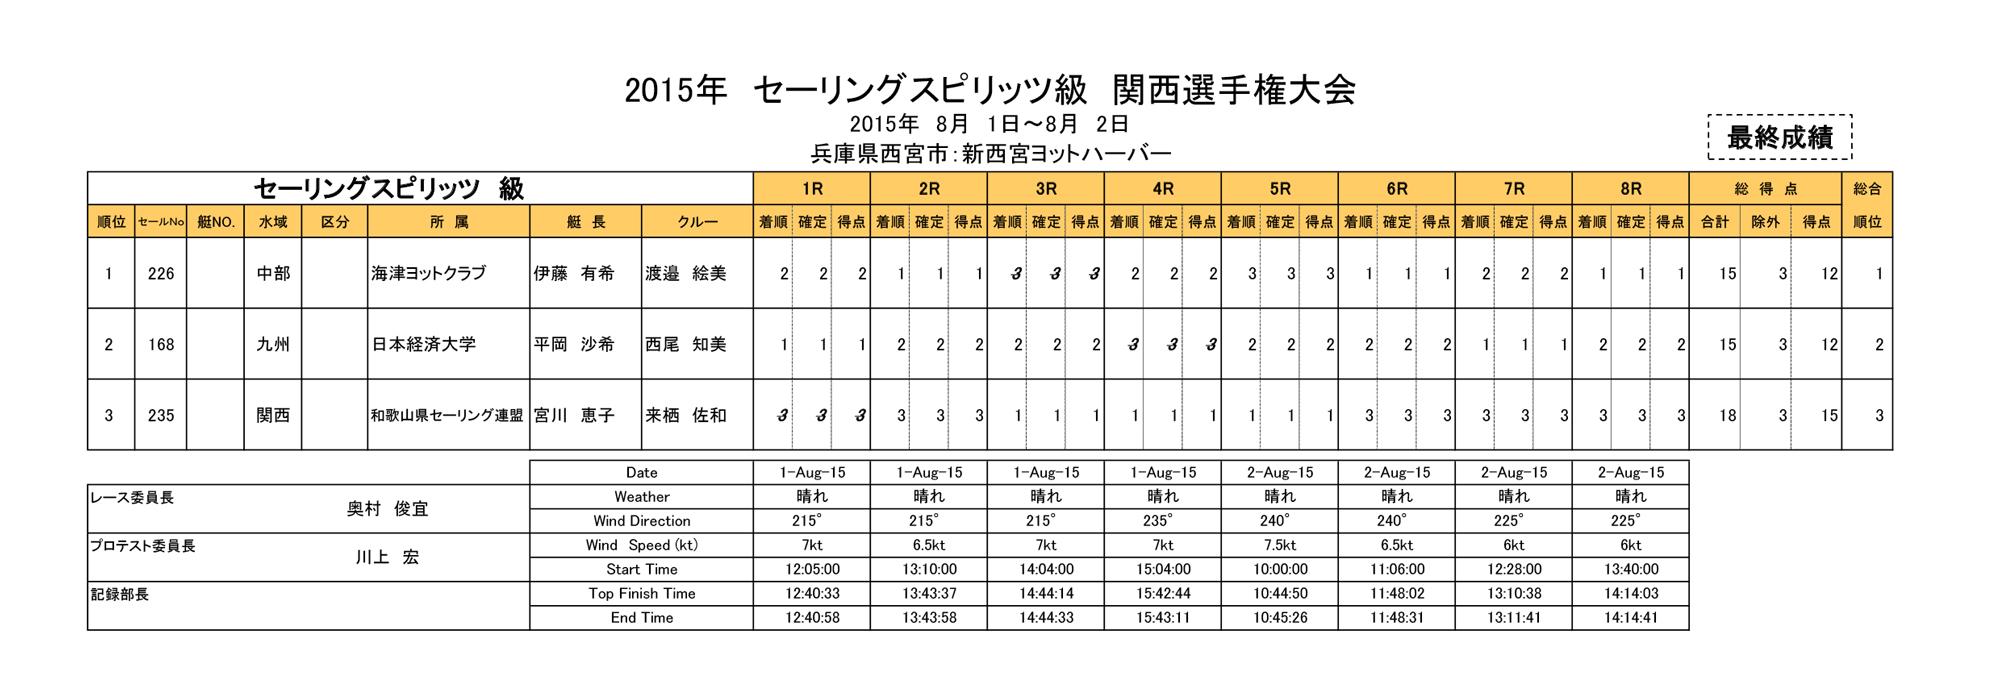 150802_result_ss